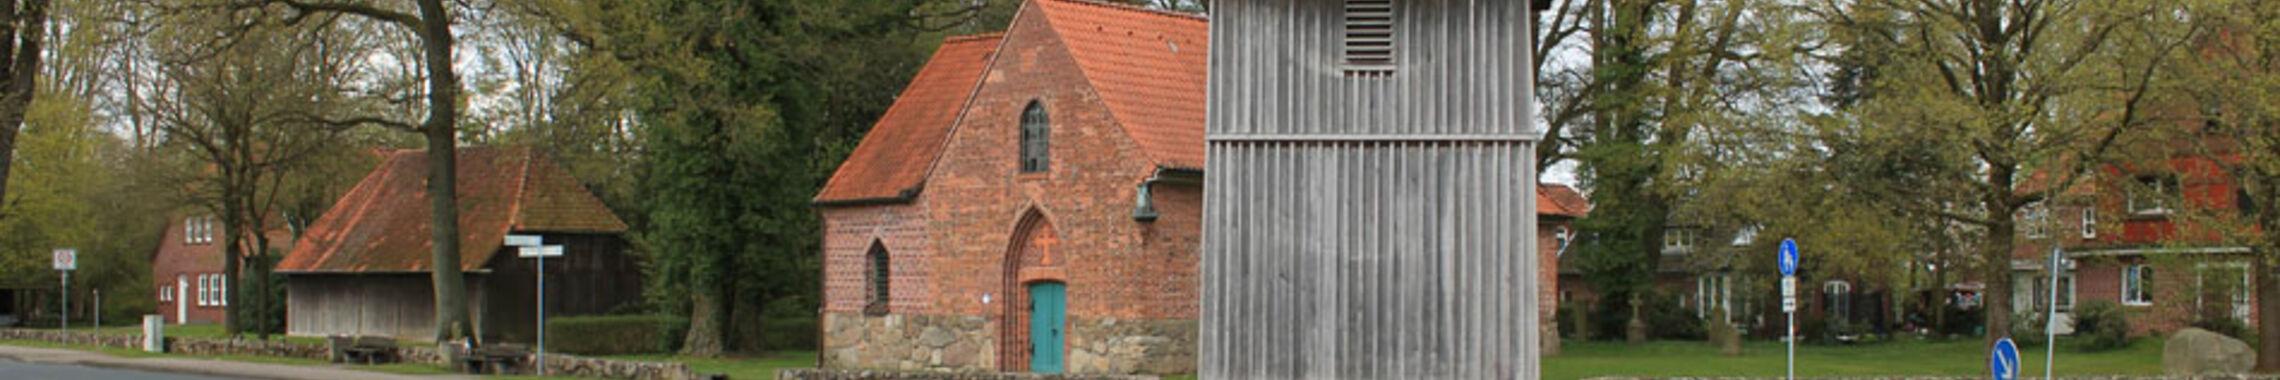 Panorama-Ansicht der Wolterdinger Dorfkirche